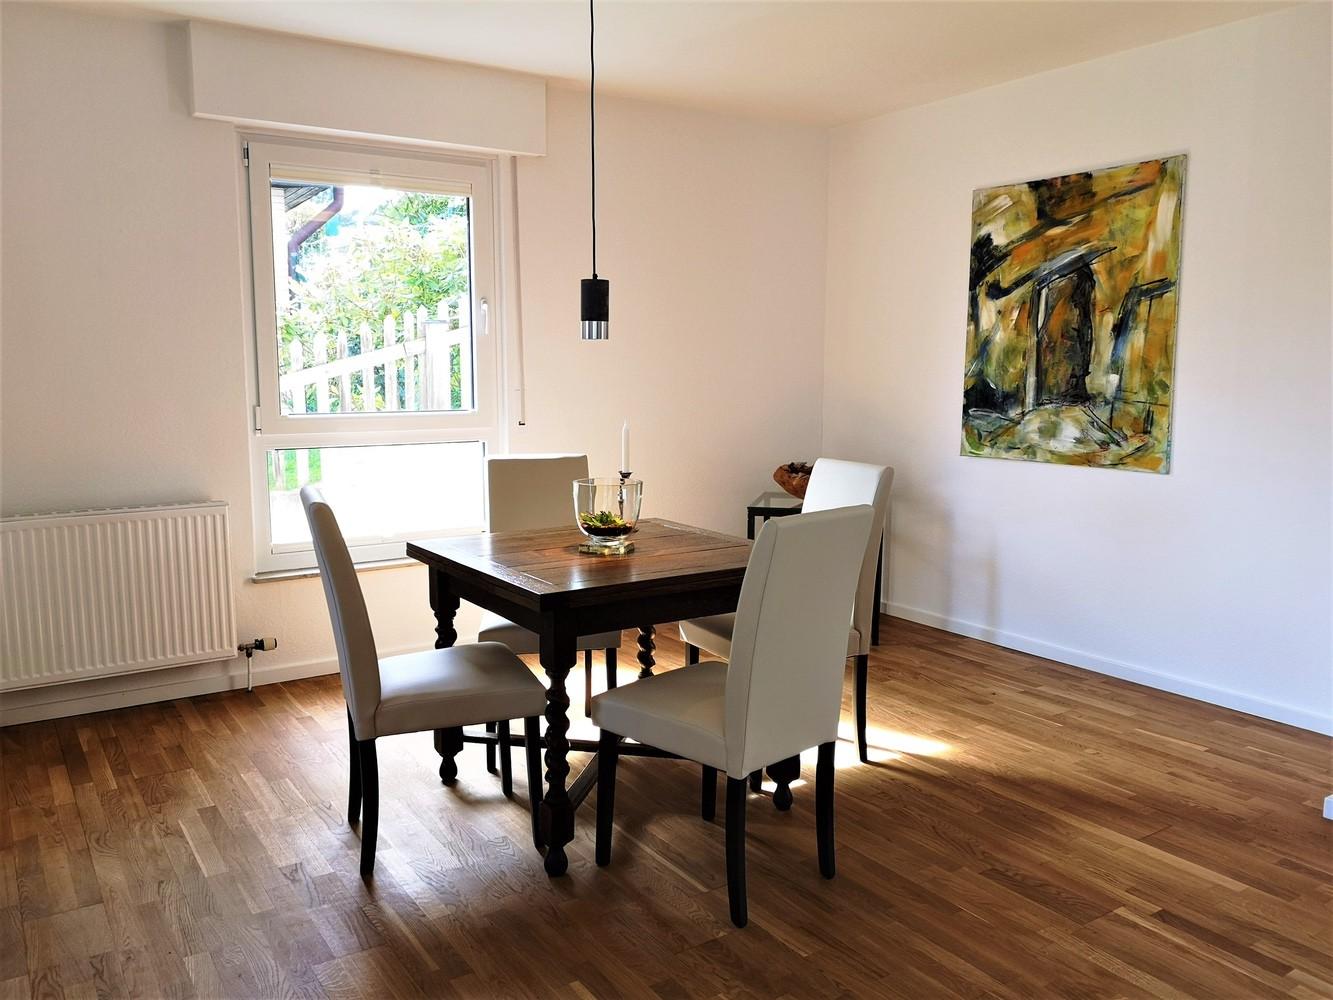 Wohntraeume-Seeblick-0013.jpg